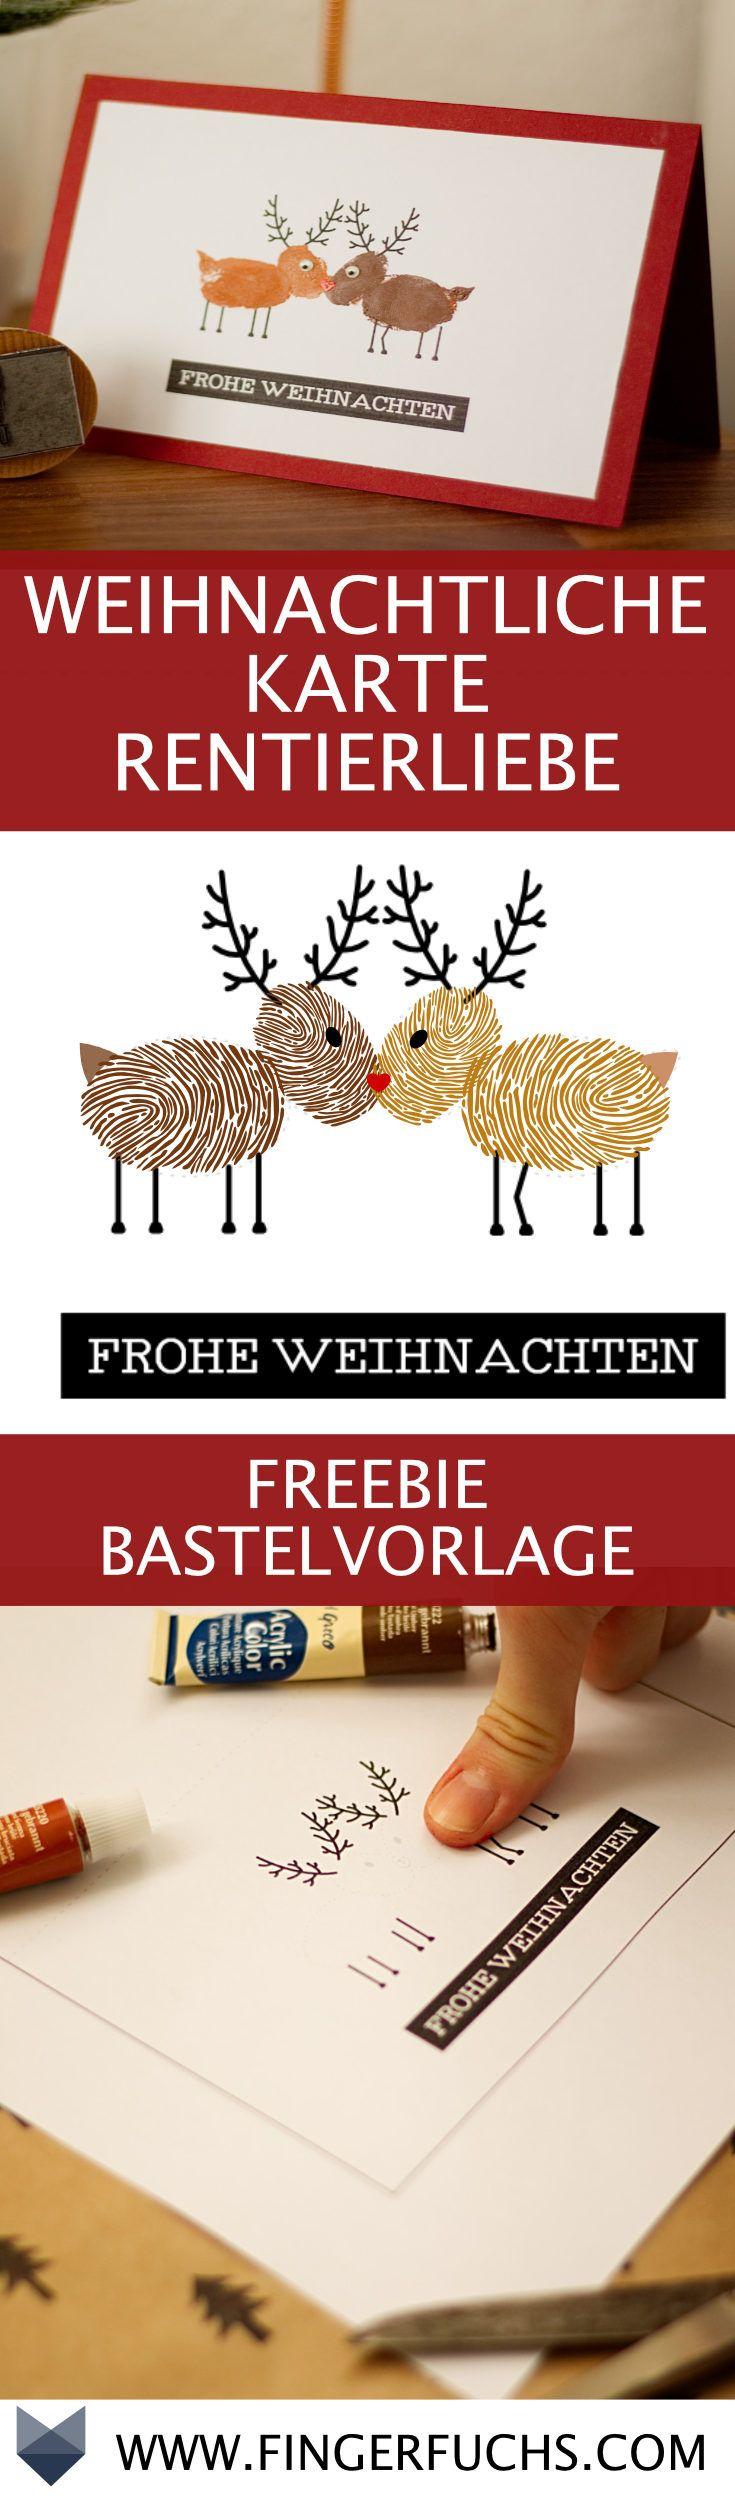 DIY Karte Rentierliebe - Kostenlose Bastelvorlage mit Fingerabdruck #bastelideenweihnachten